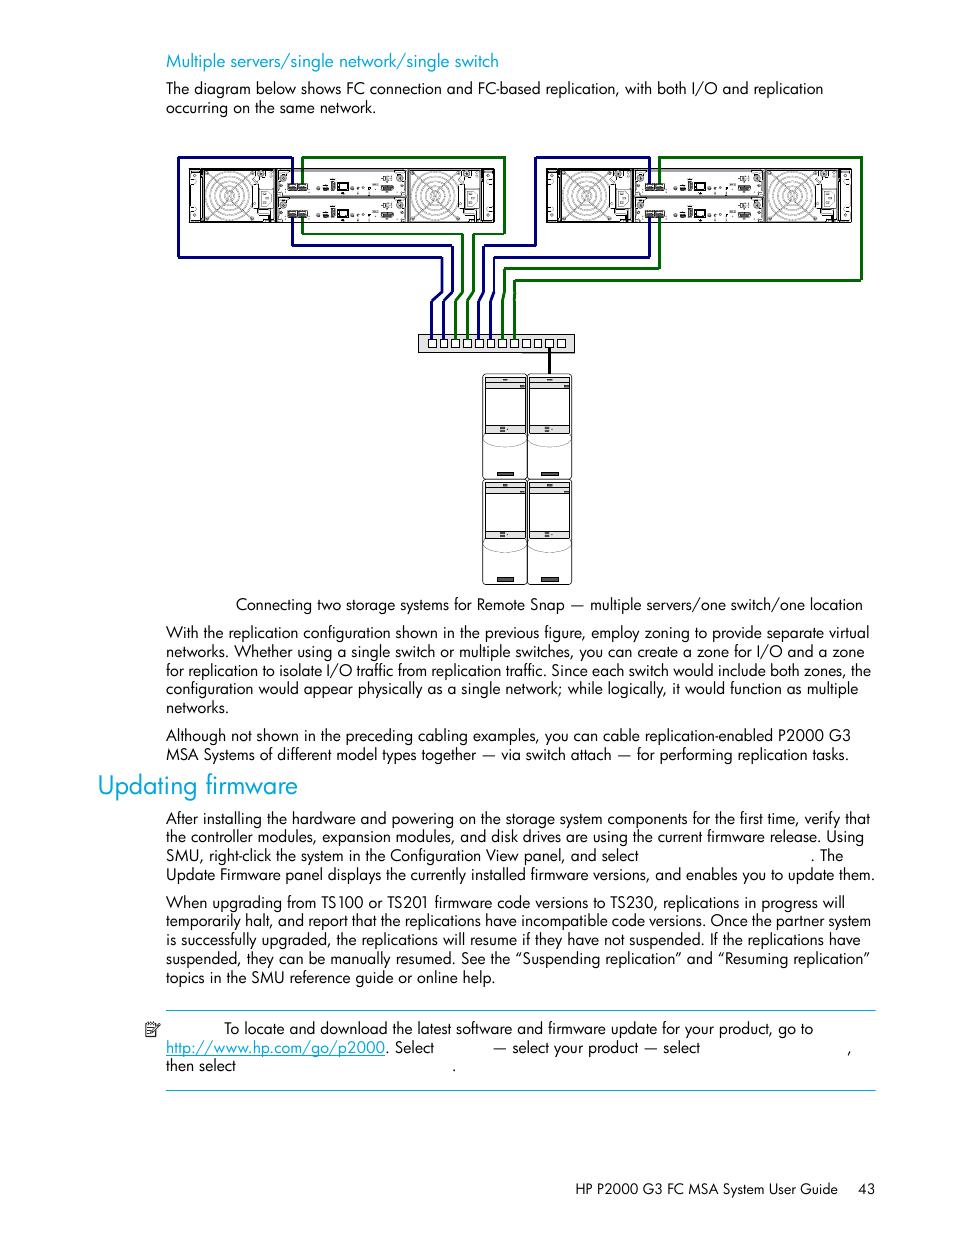 hp p2000 manual